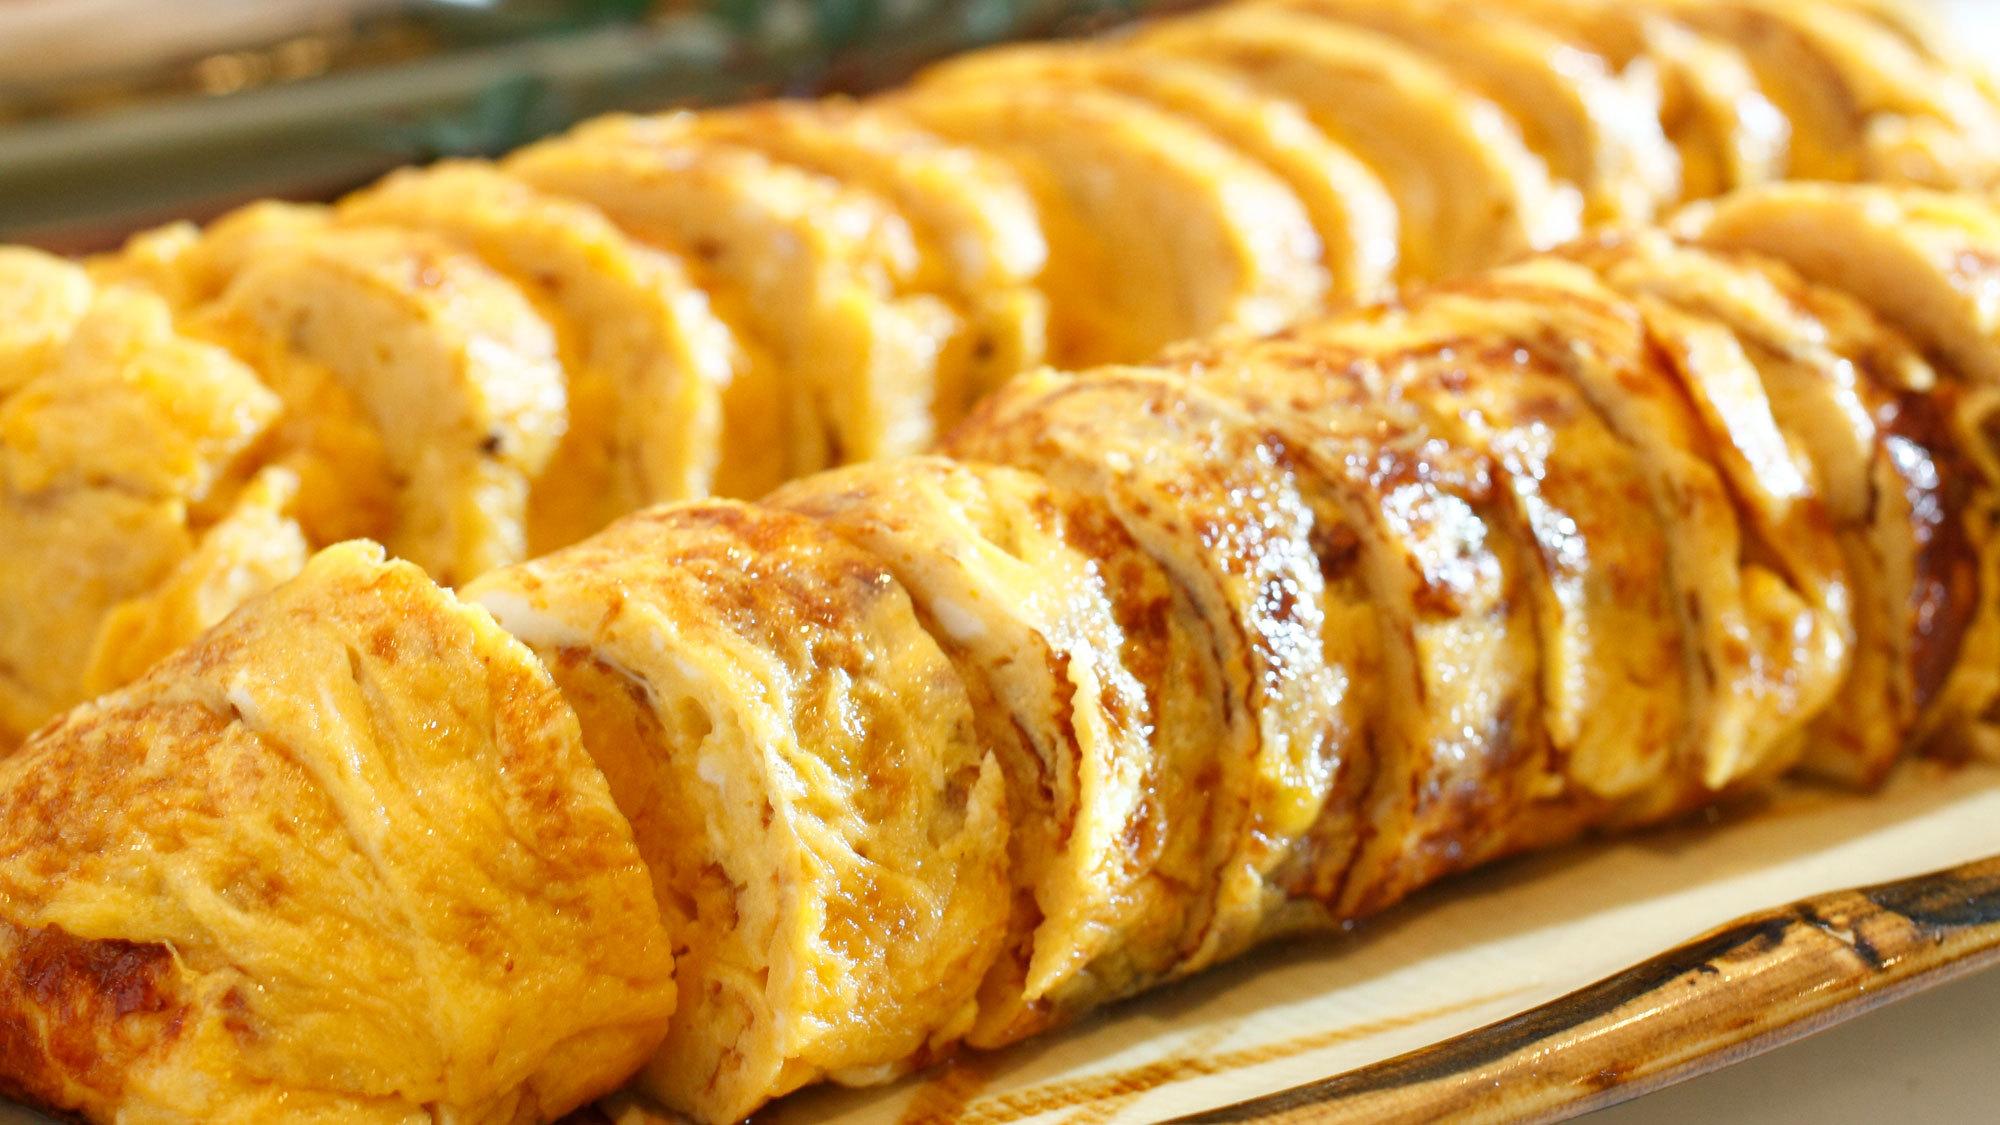 【朝食一例】卵焼きは何度もおかわりしたくなるほどの美味しさで大好評♪